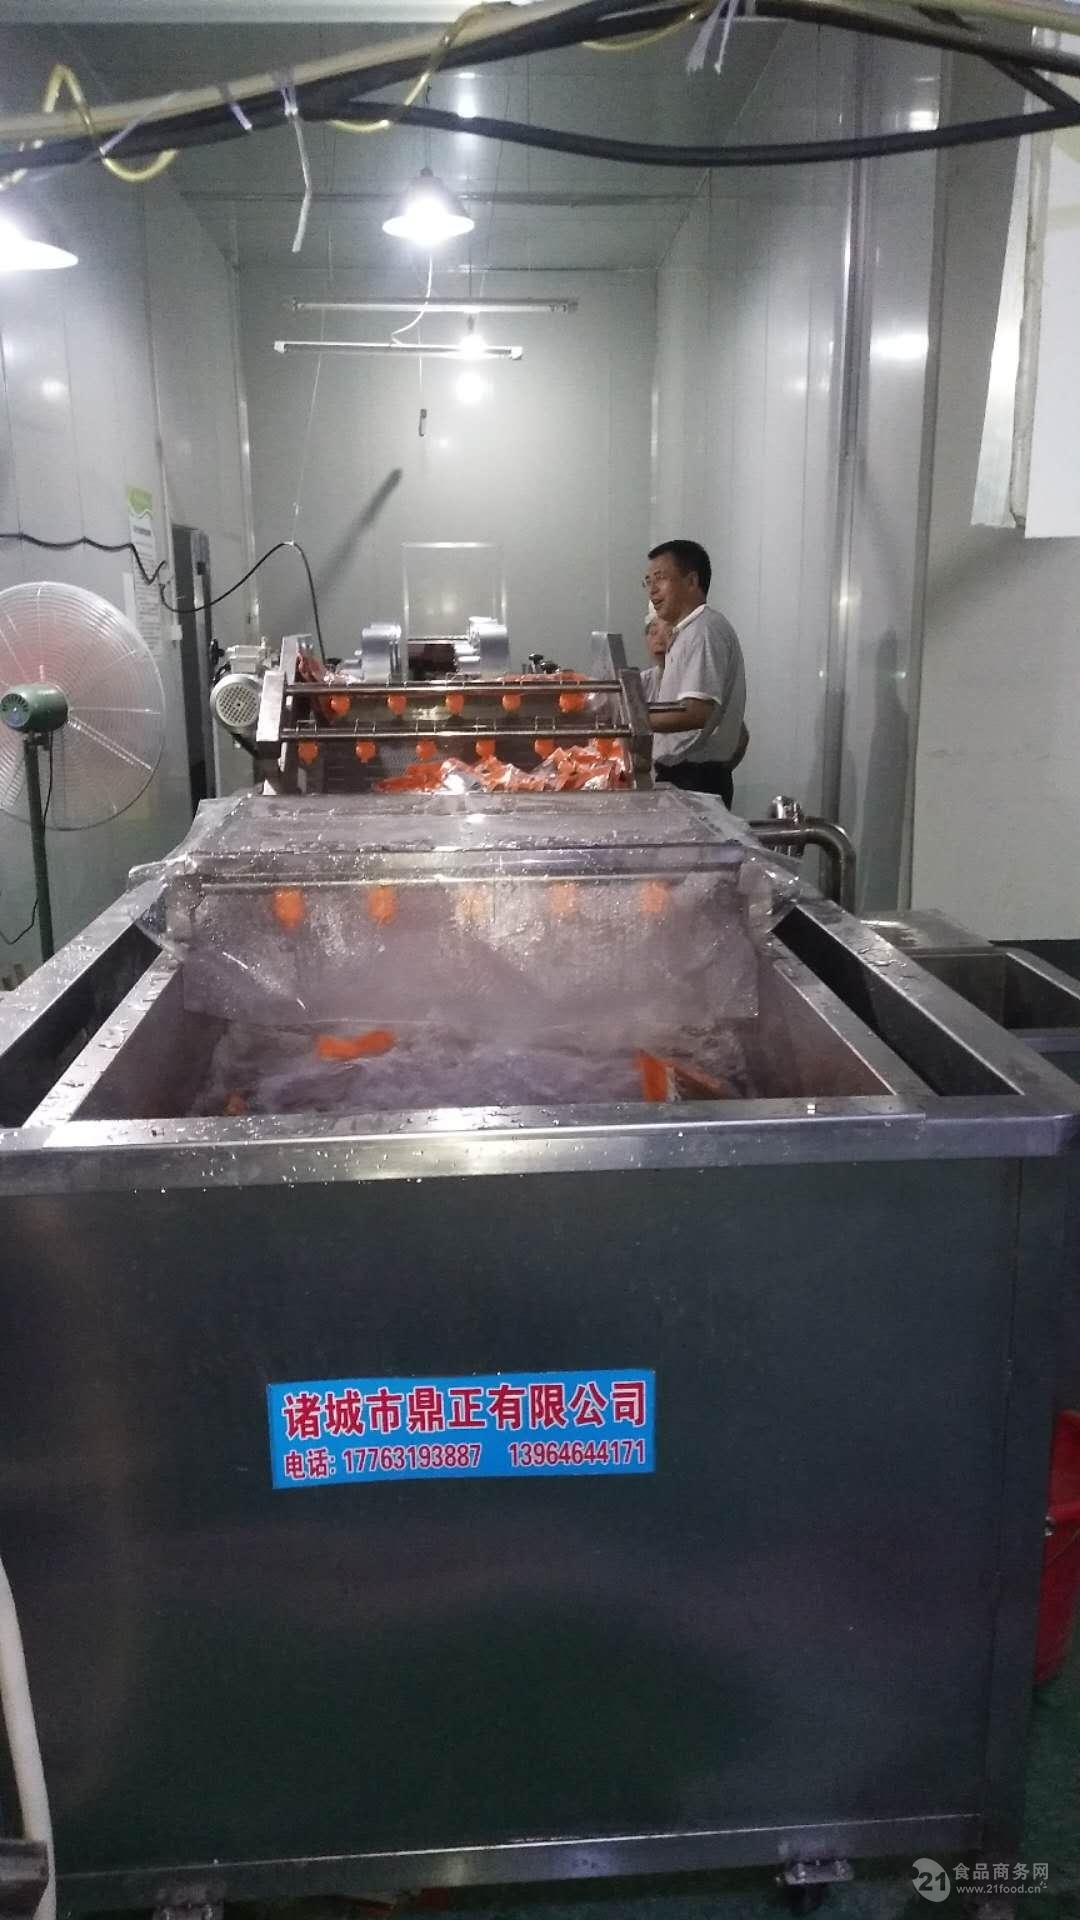 涡流蔬菜清洗机 苹果清洗机涡流清洗厂家直销